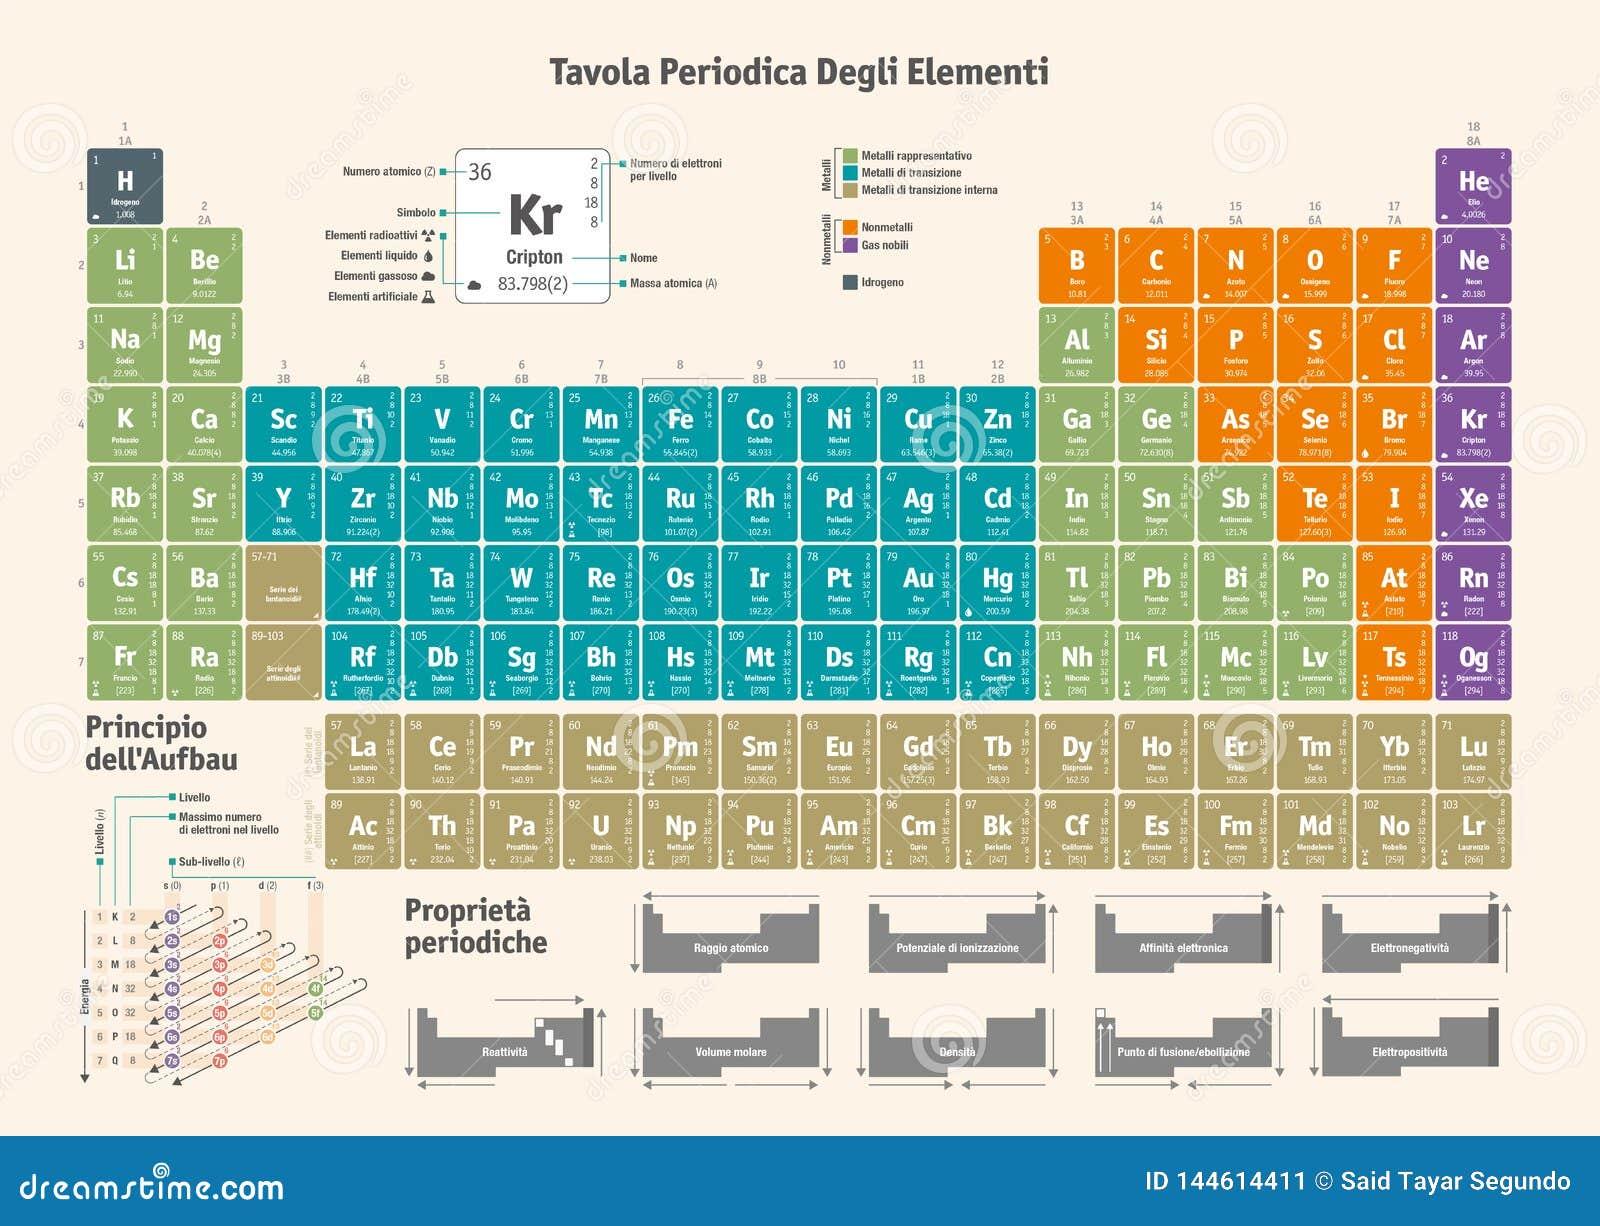 Tabella periodica degli elementi chimici - versione italiana